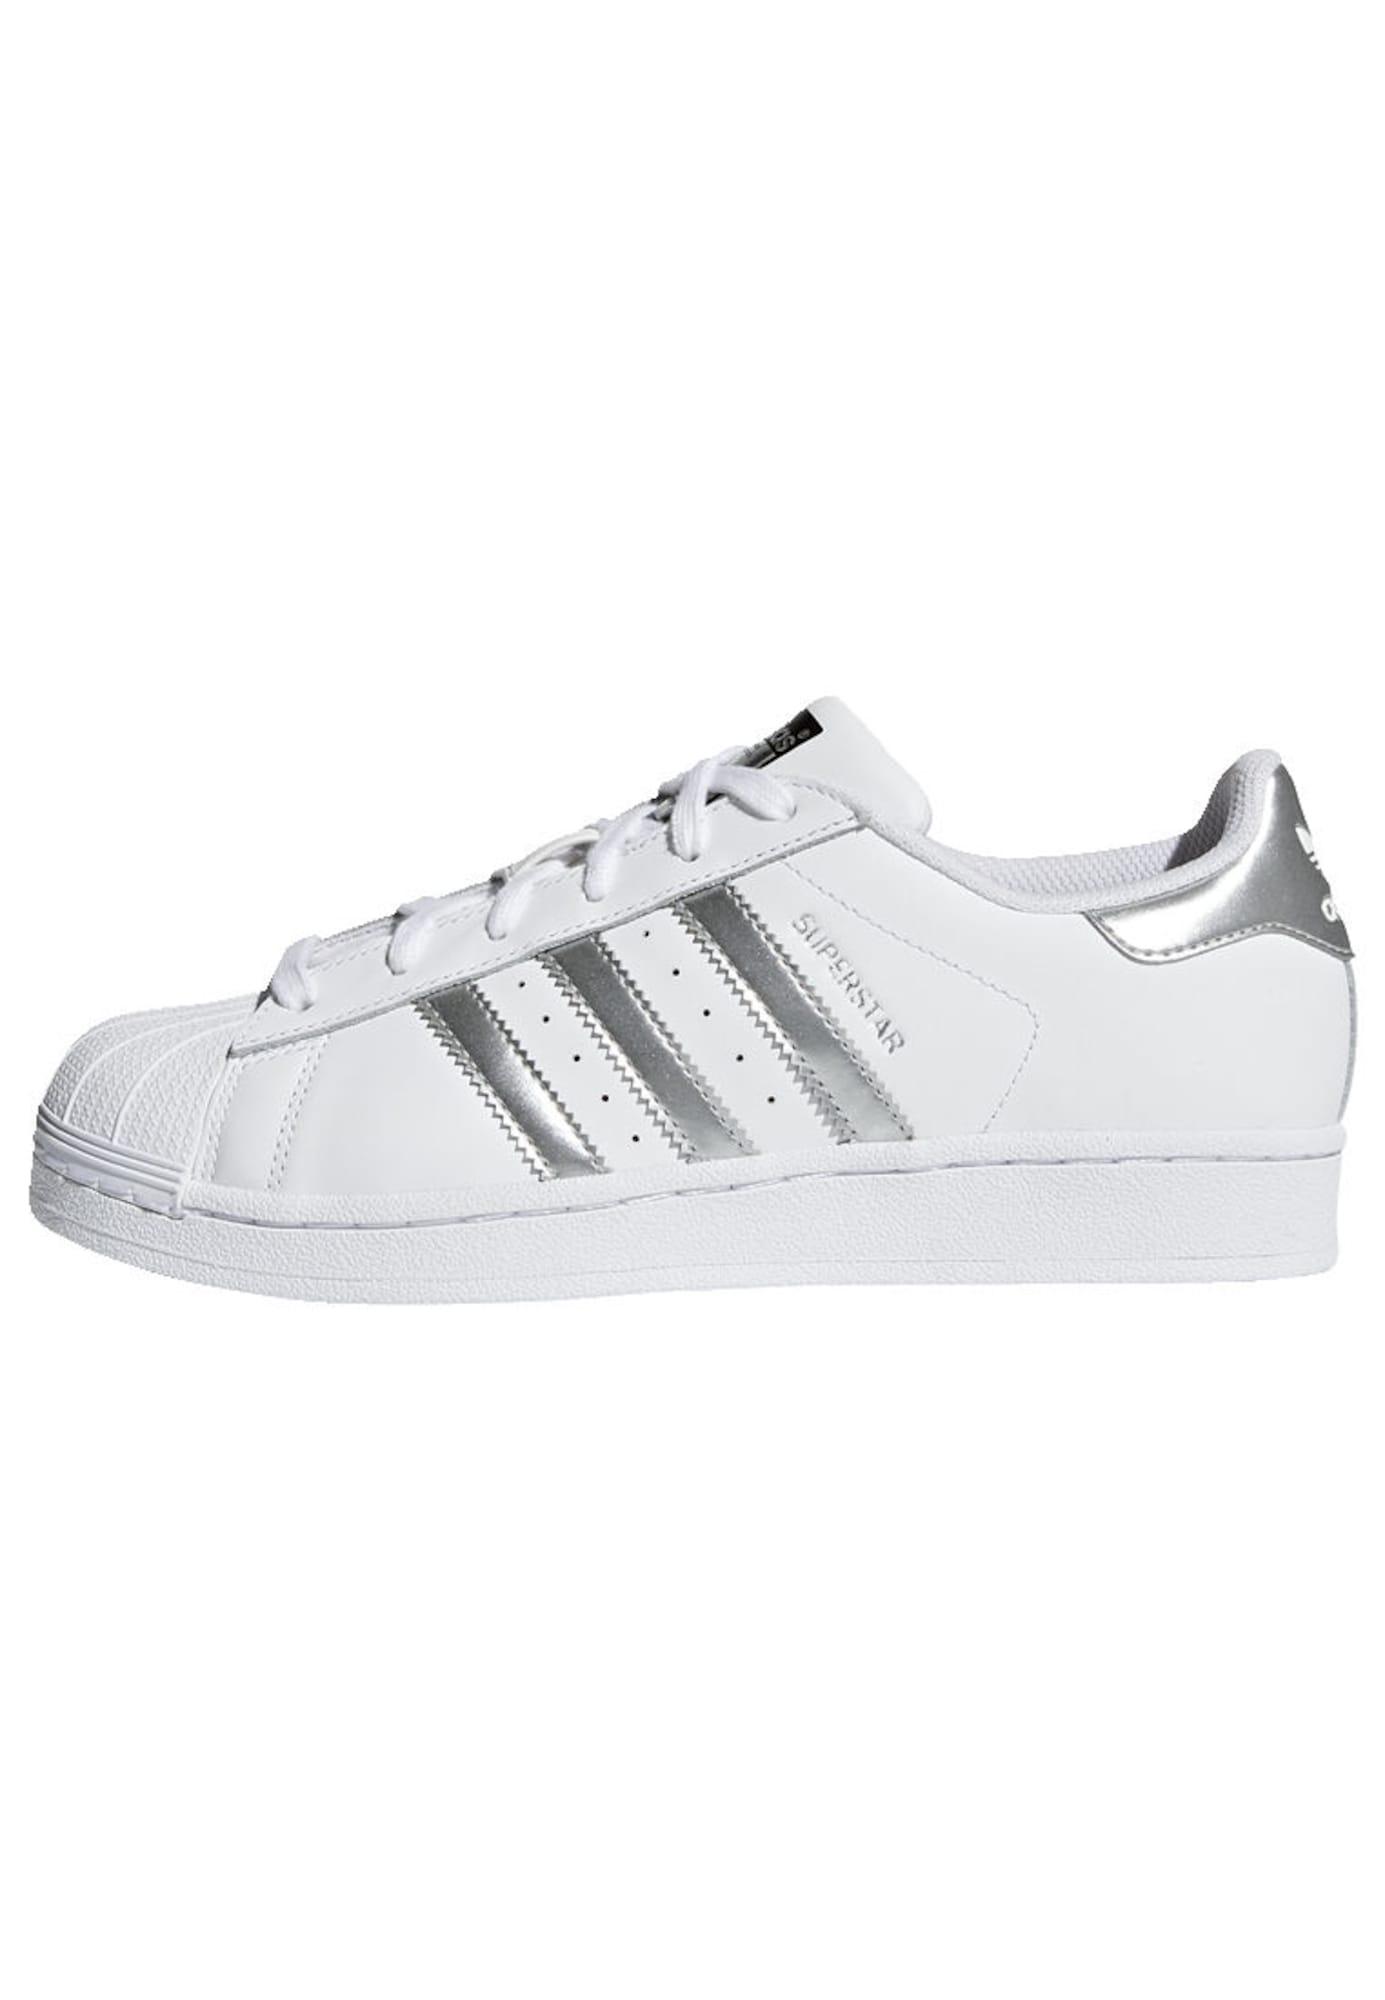 Tenisky Superstar stříbrná bílá ADIDAS ORIGINALS